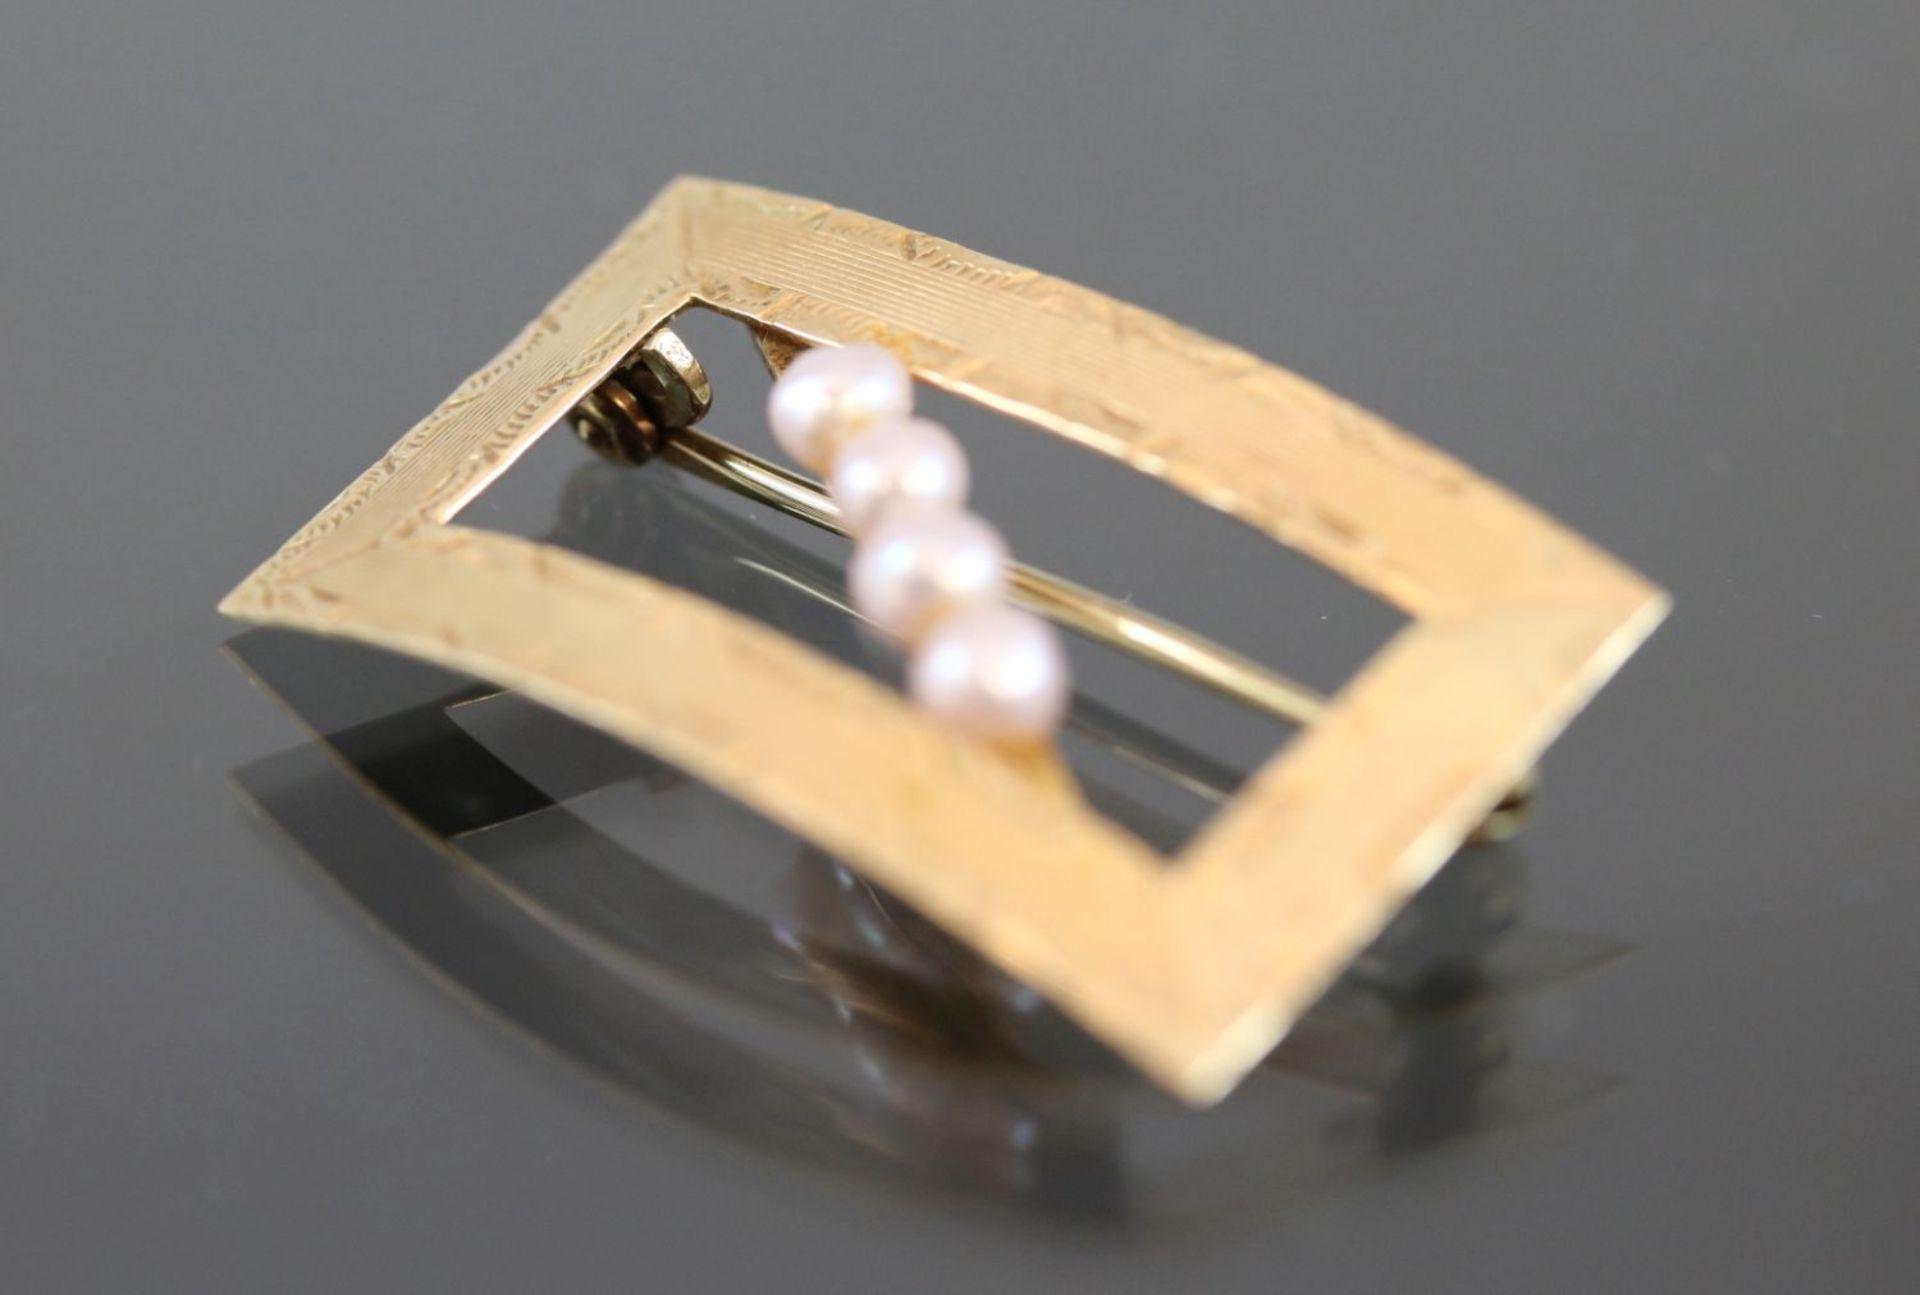 Perlen-Brosche, 585 Gold4,5 Gramm - Bild 6 aus 7